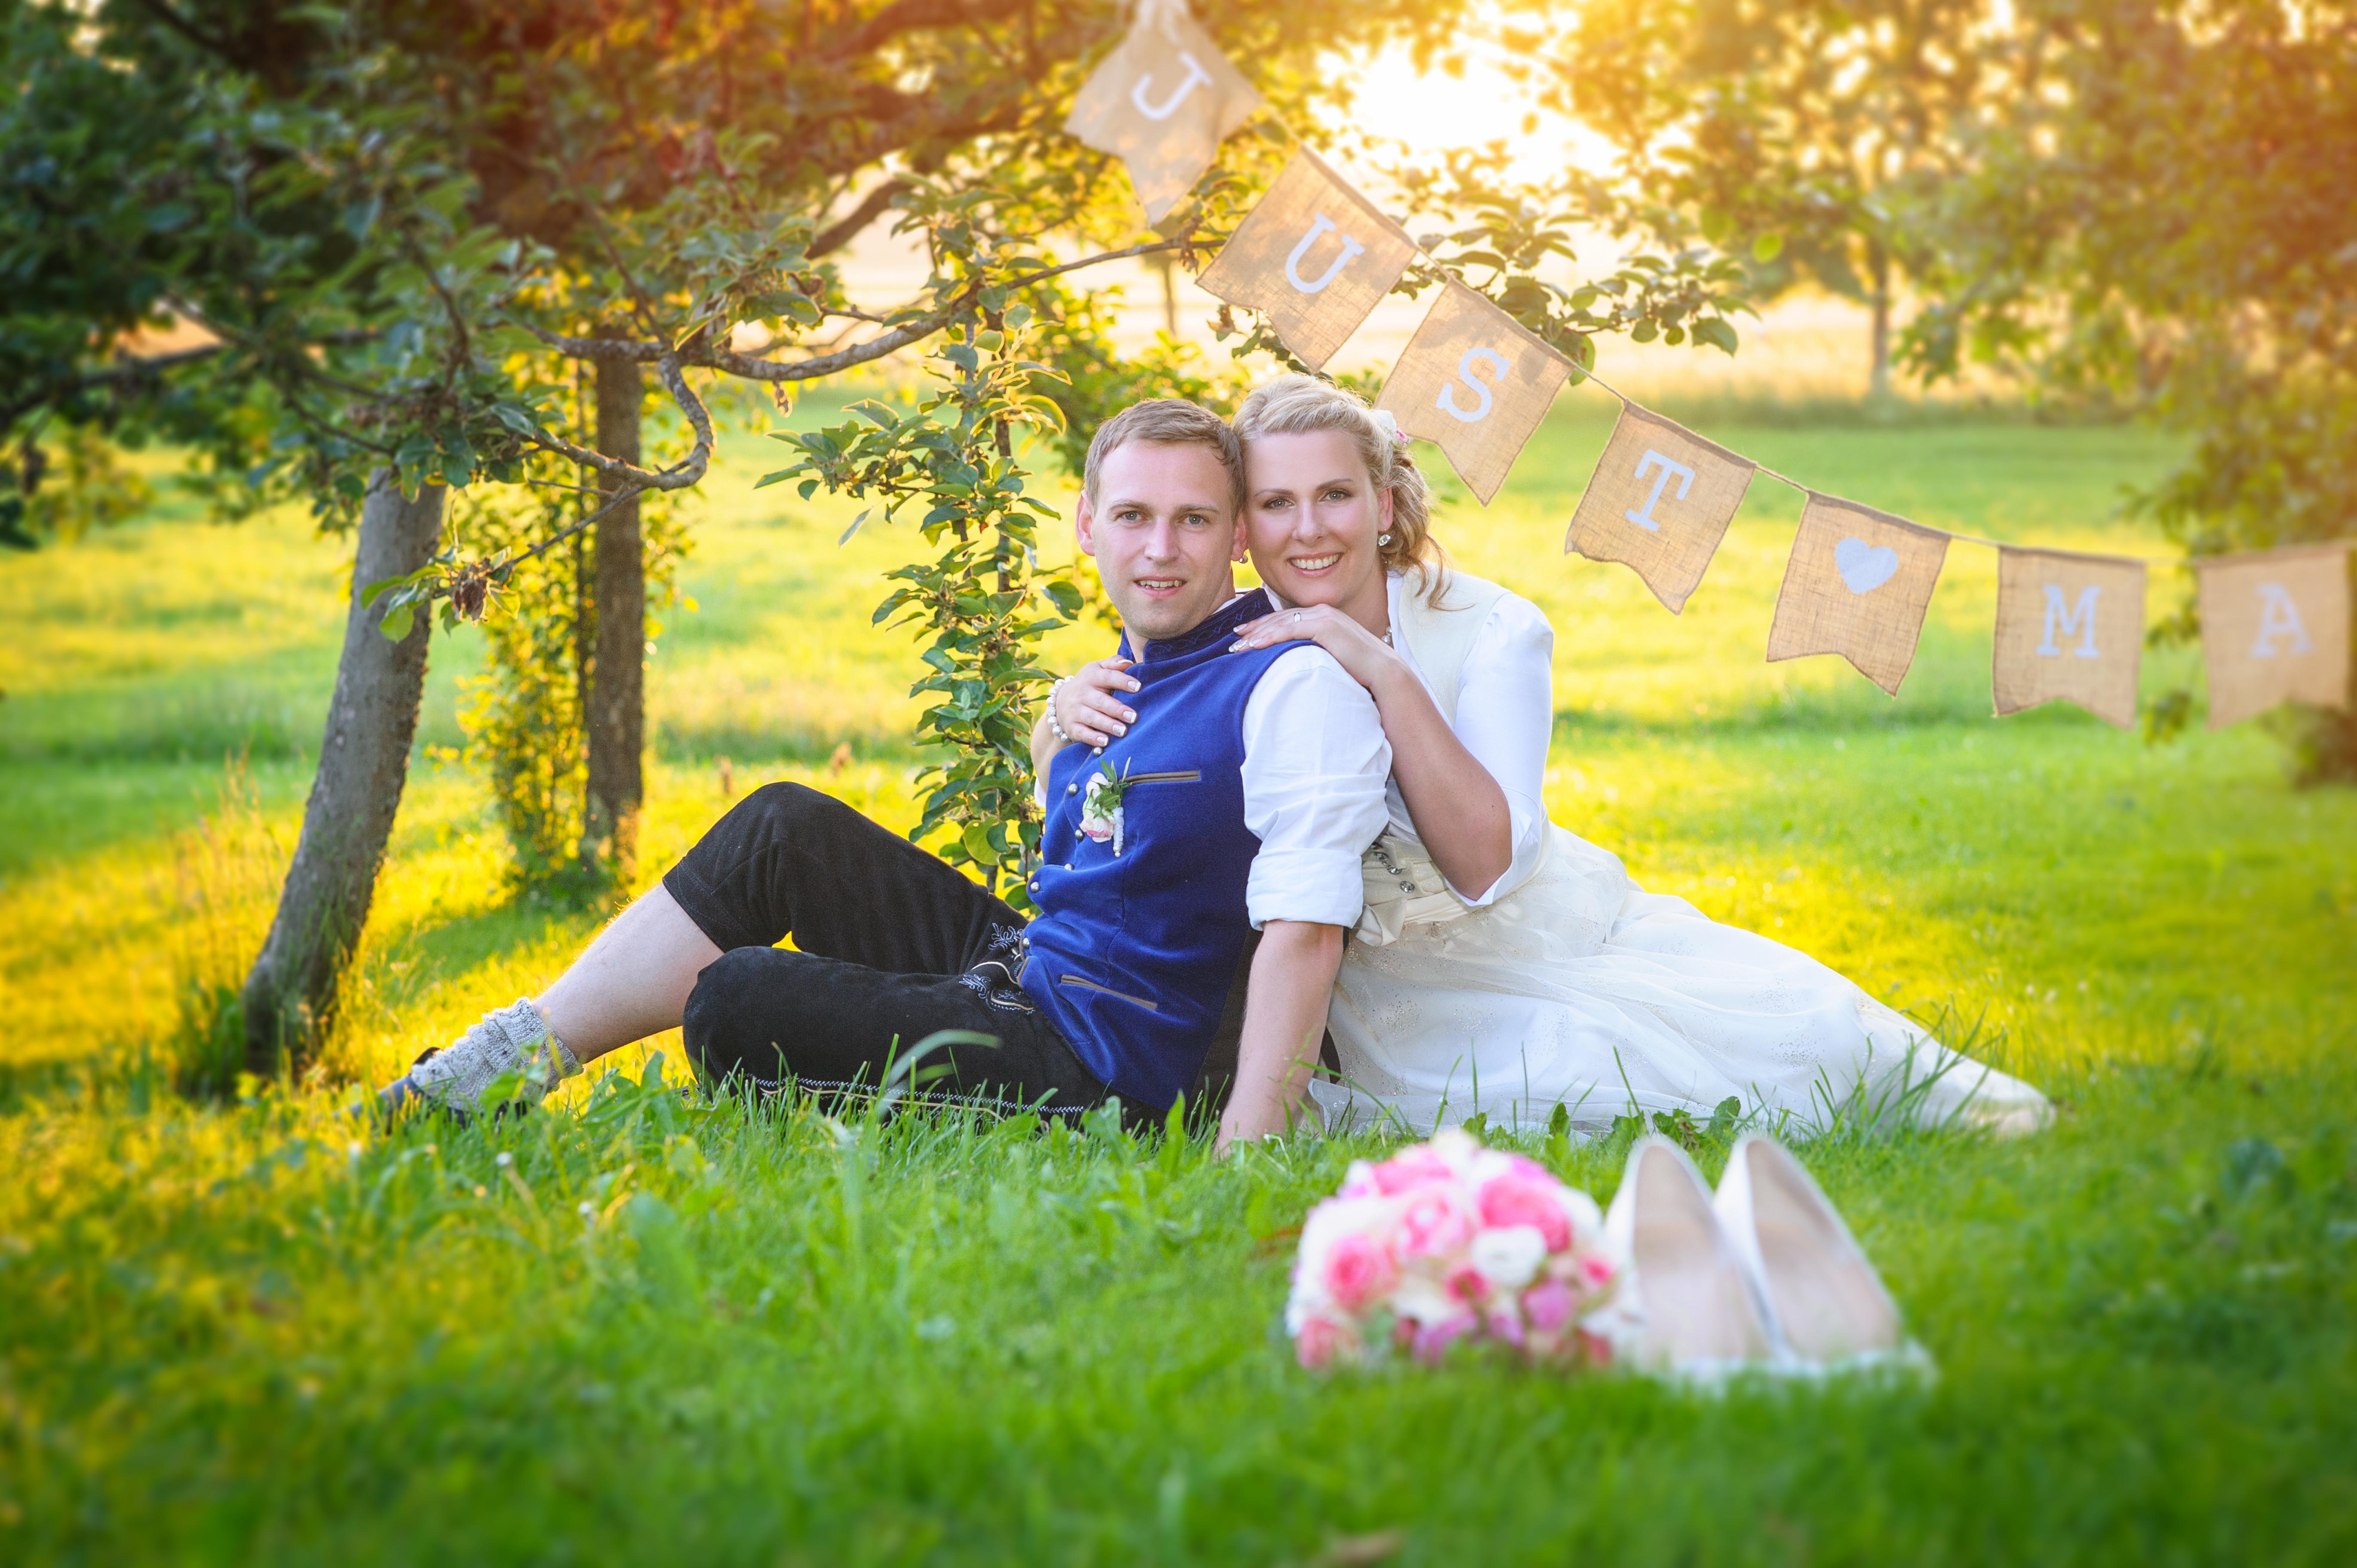 ElsnerFotografie_C&C_Hochzeitsportraits_